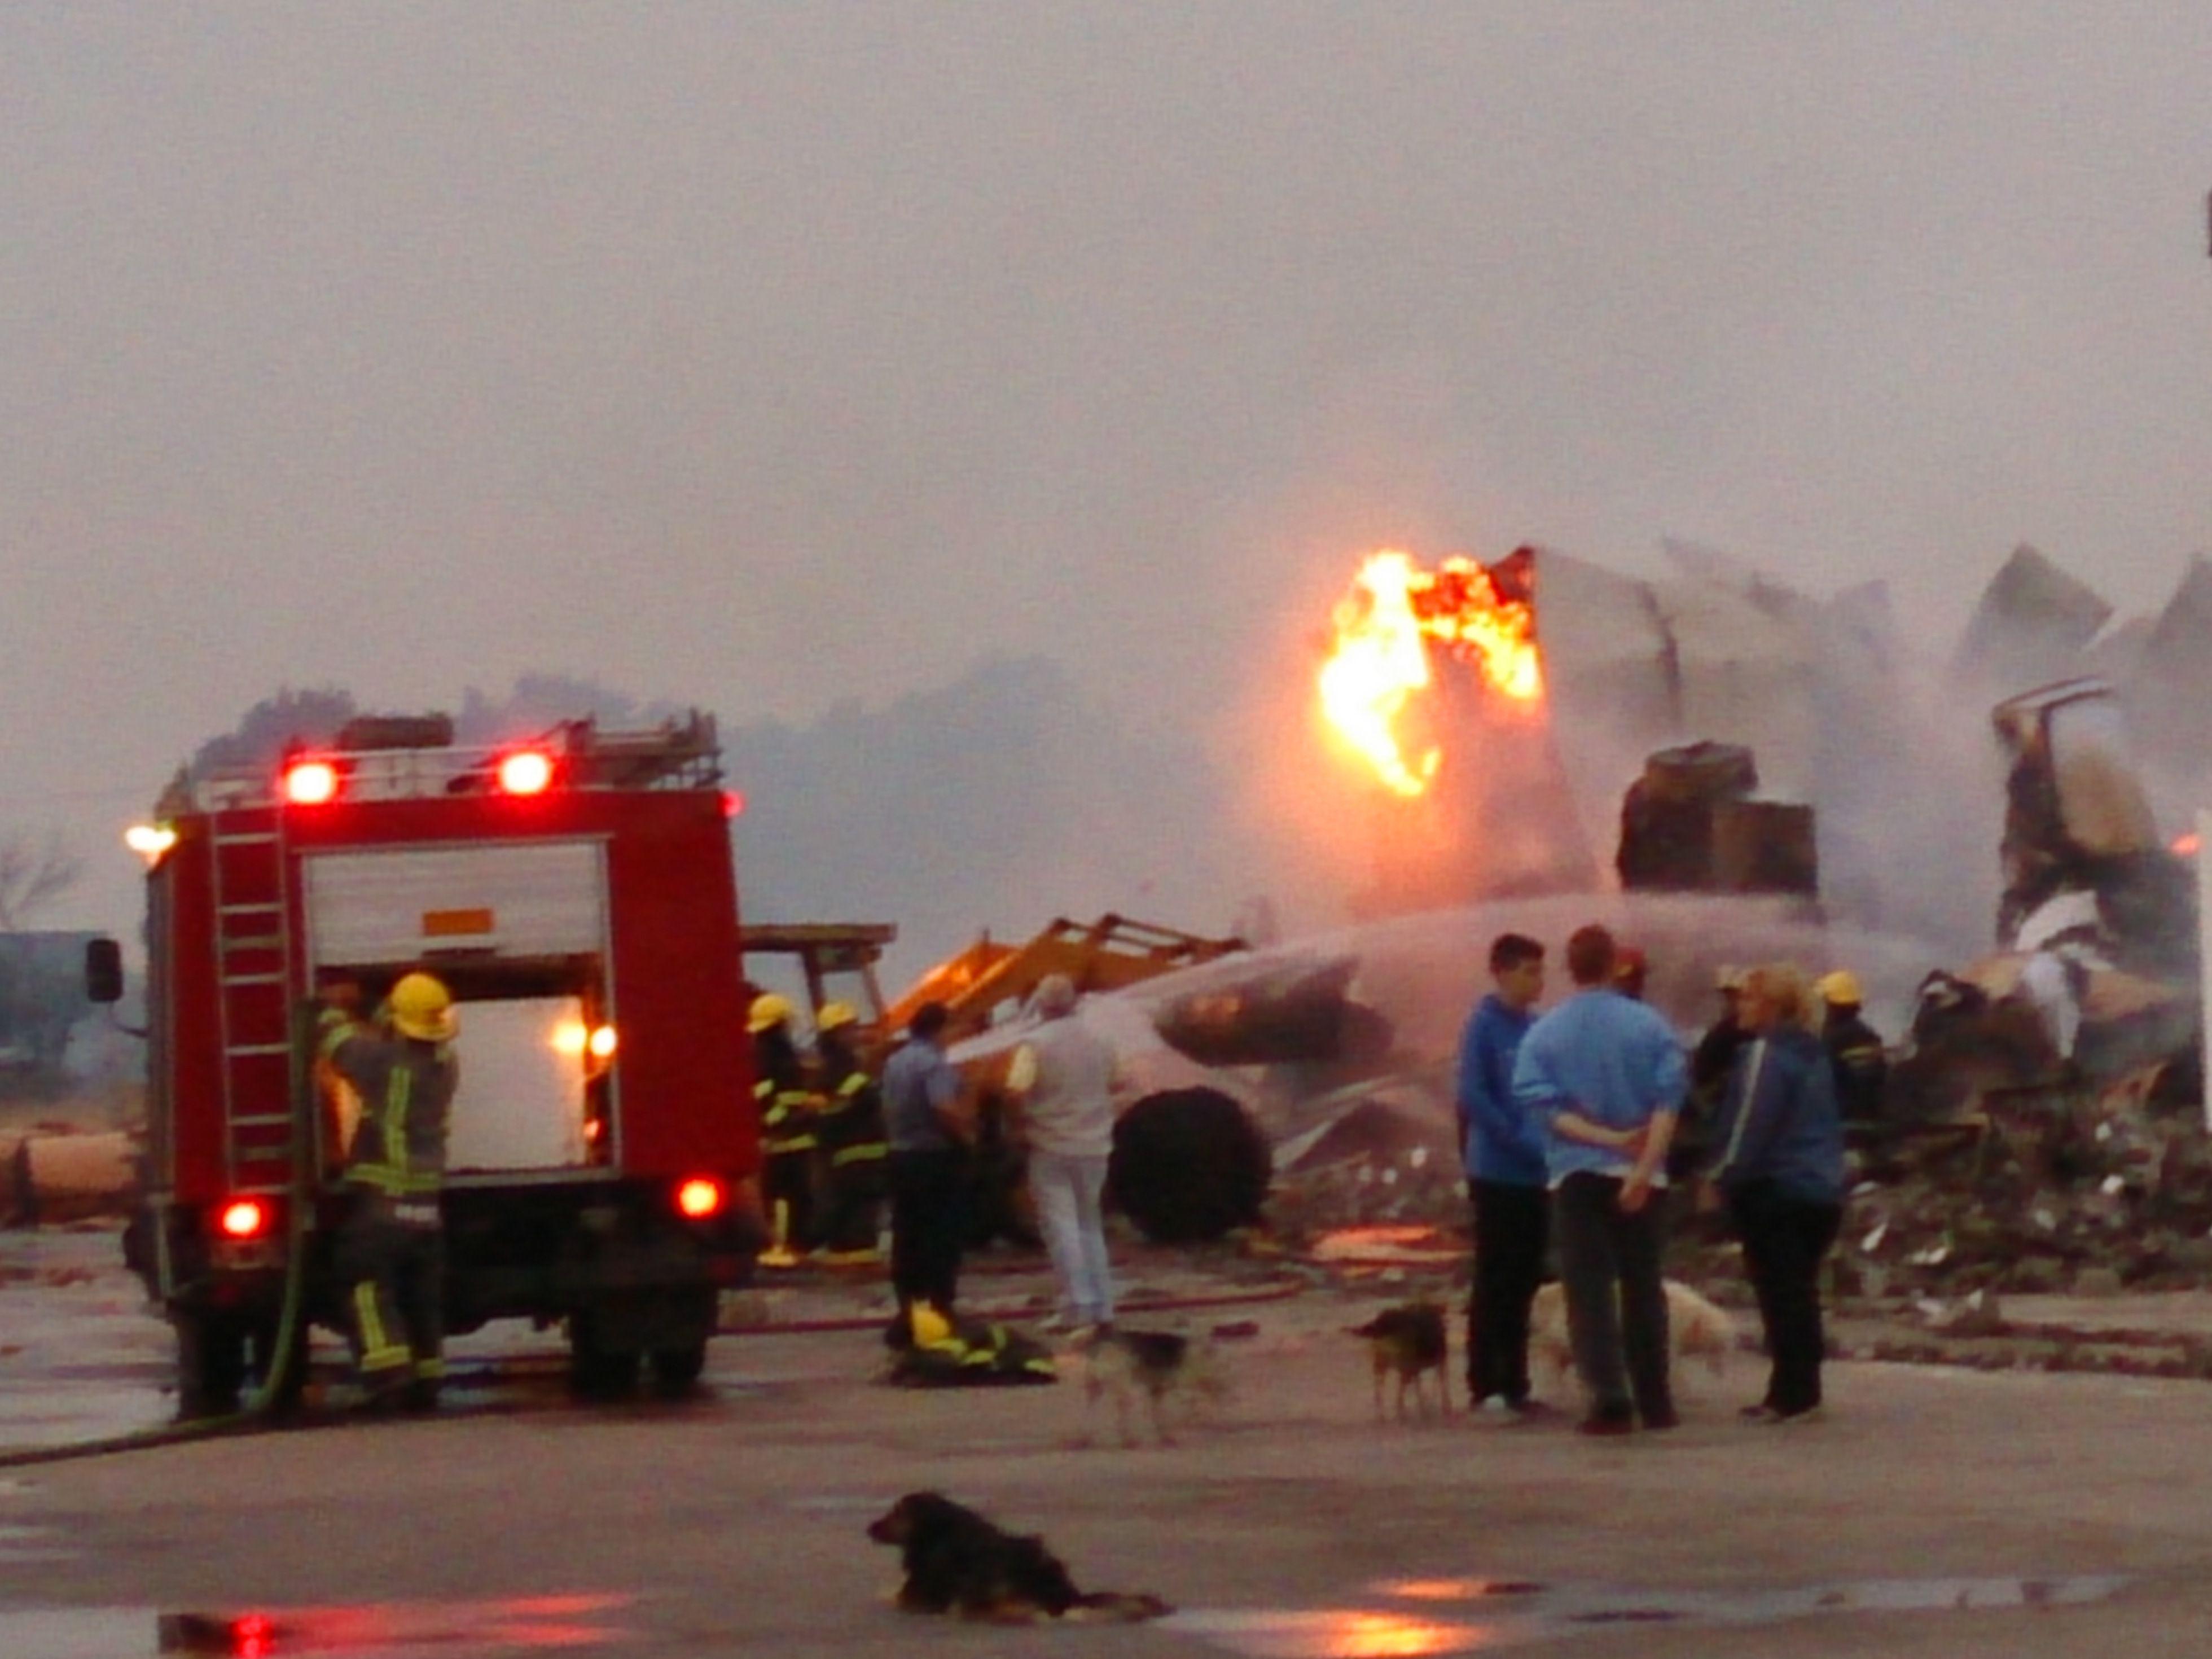 El incendio se desató esta madrugada en Capitán Bermúdez. (Foto: C. Mutti))